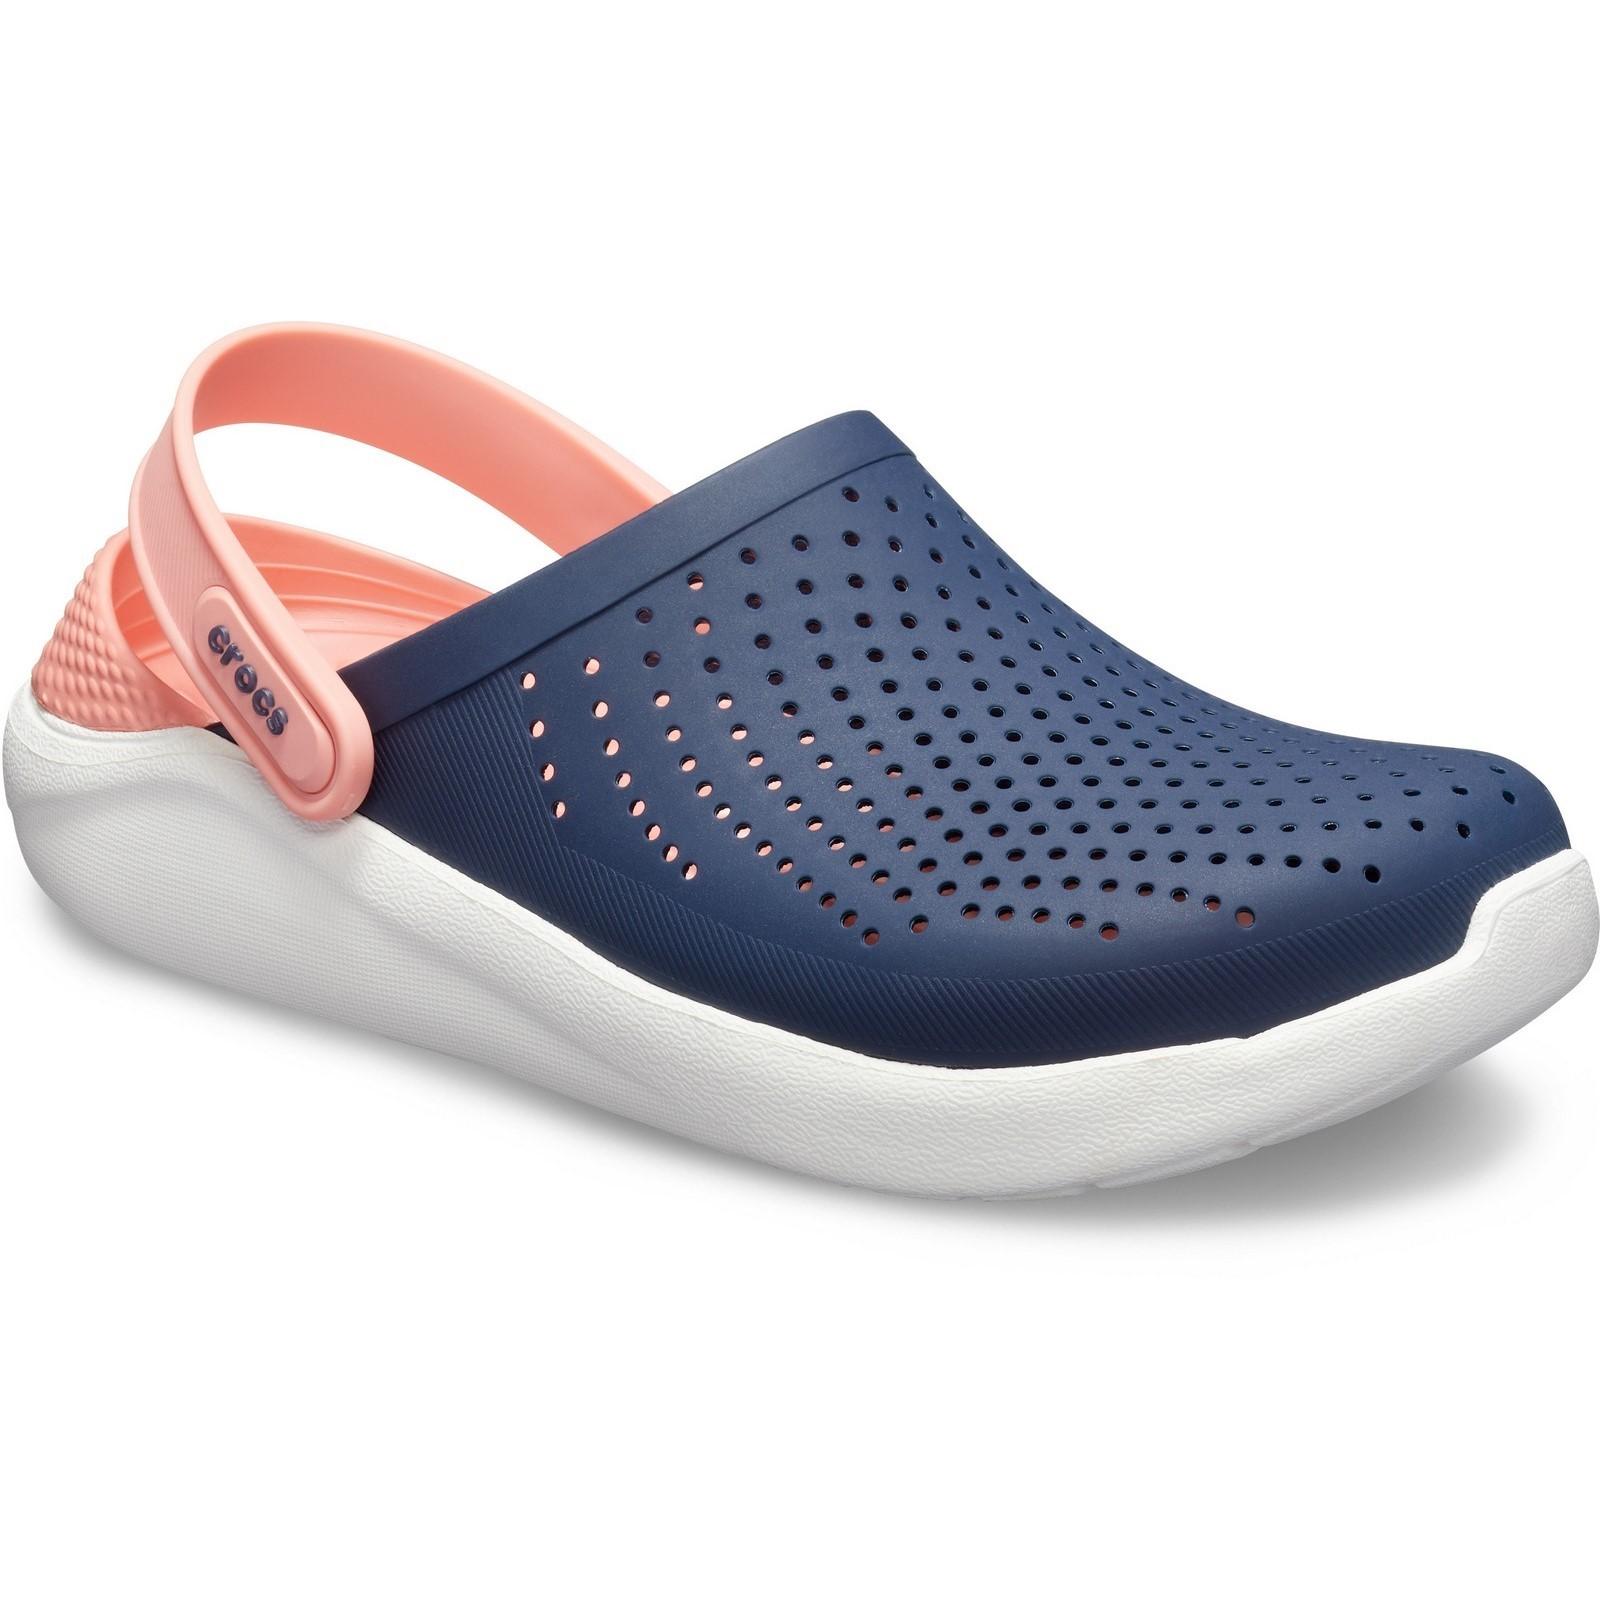 Crocs Unisex Literide Clog (Unisex) Slip On